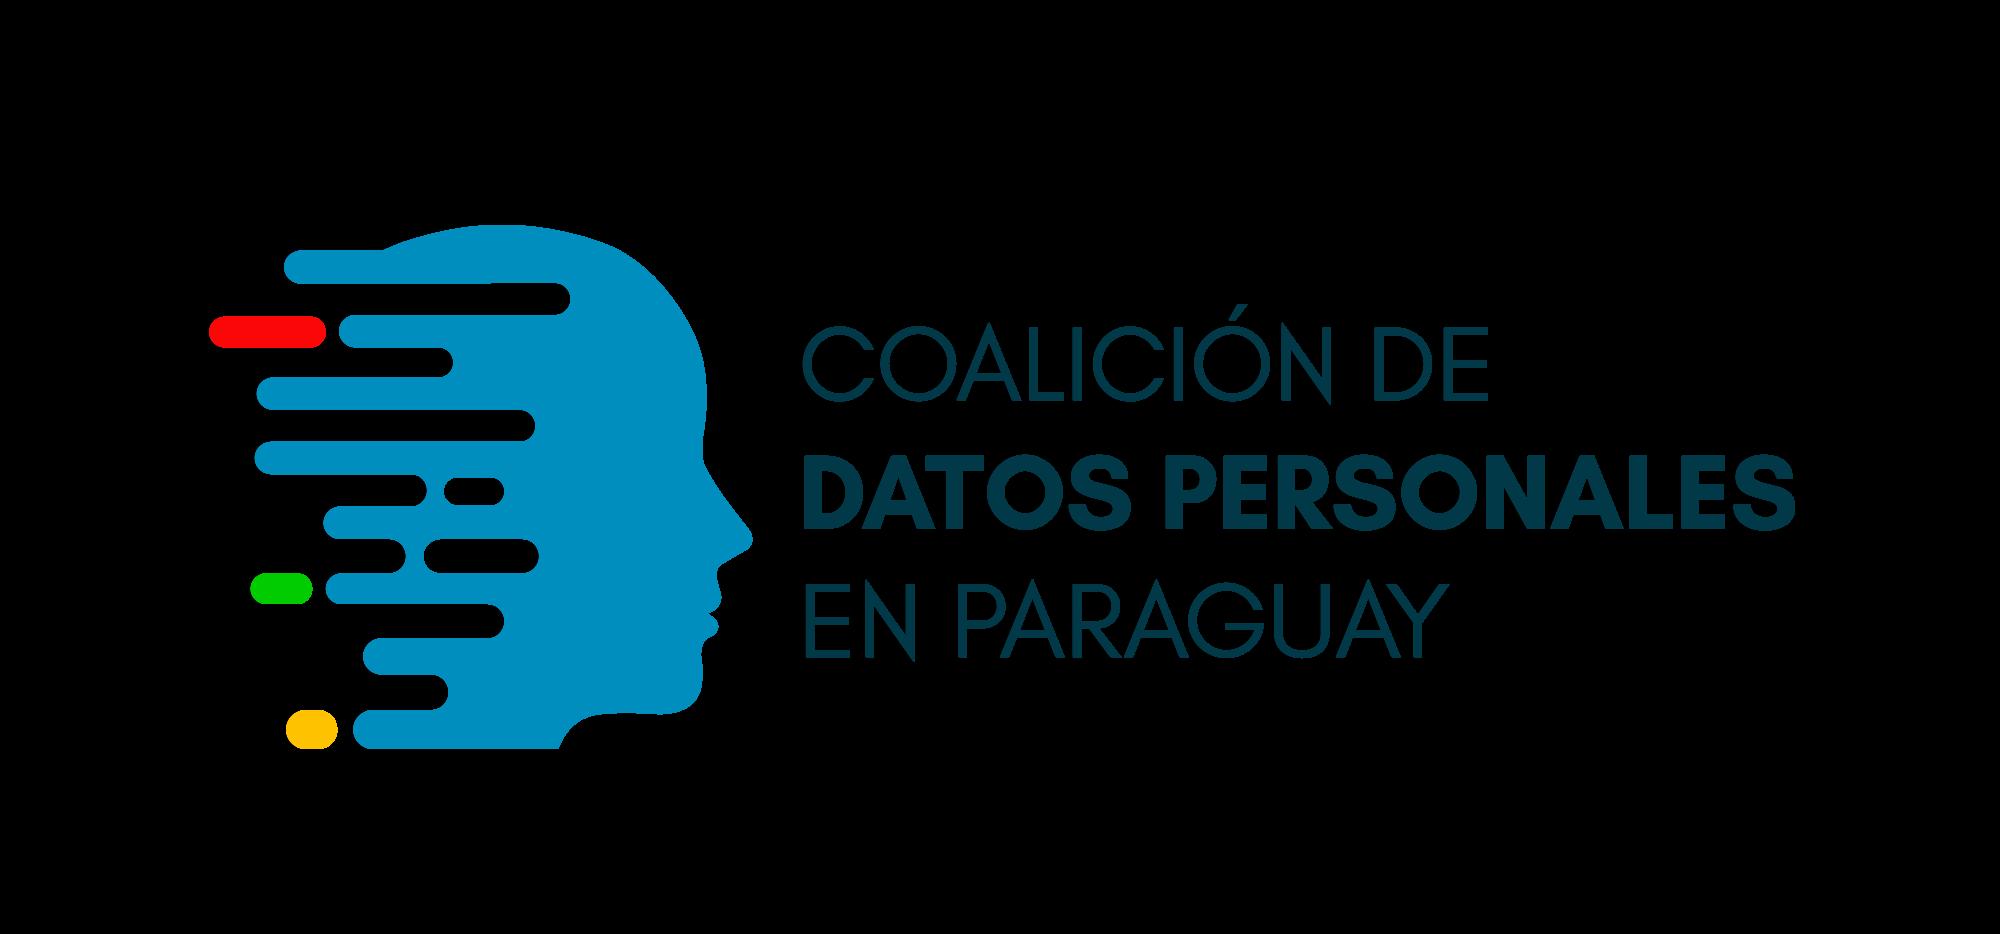 Coalición de Datos Personales en Paraguay